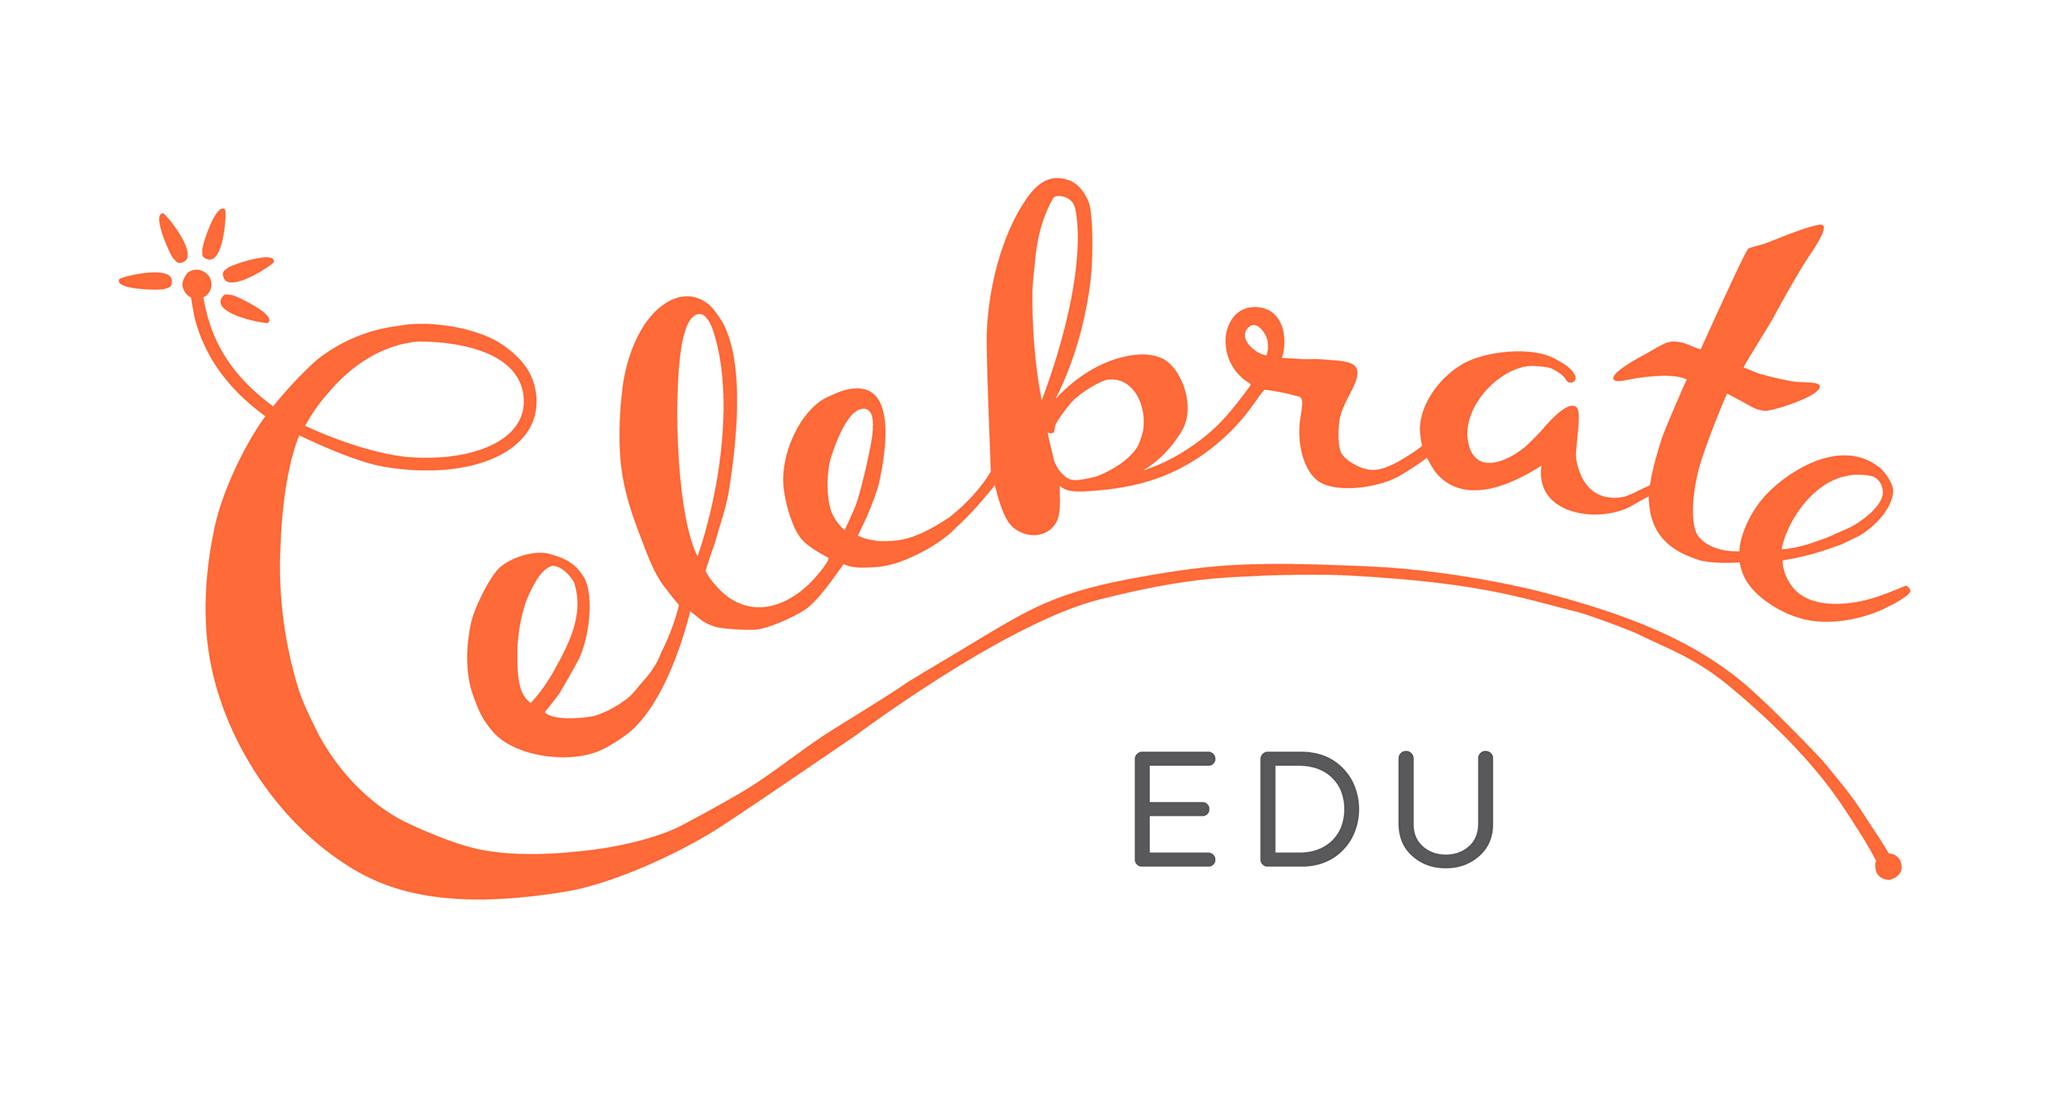 celebrate edu.png